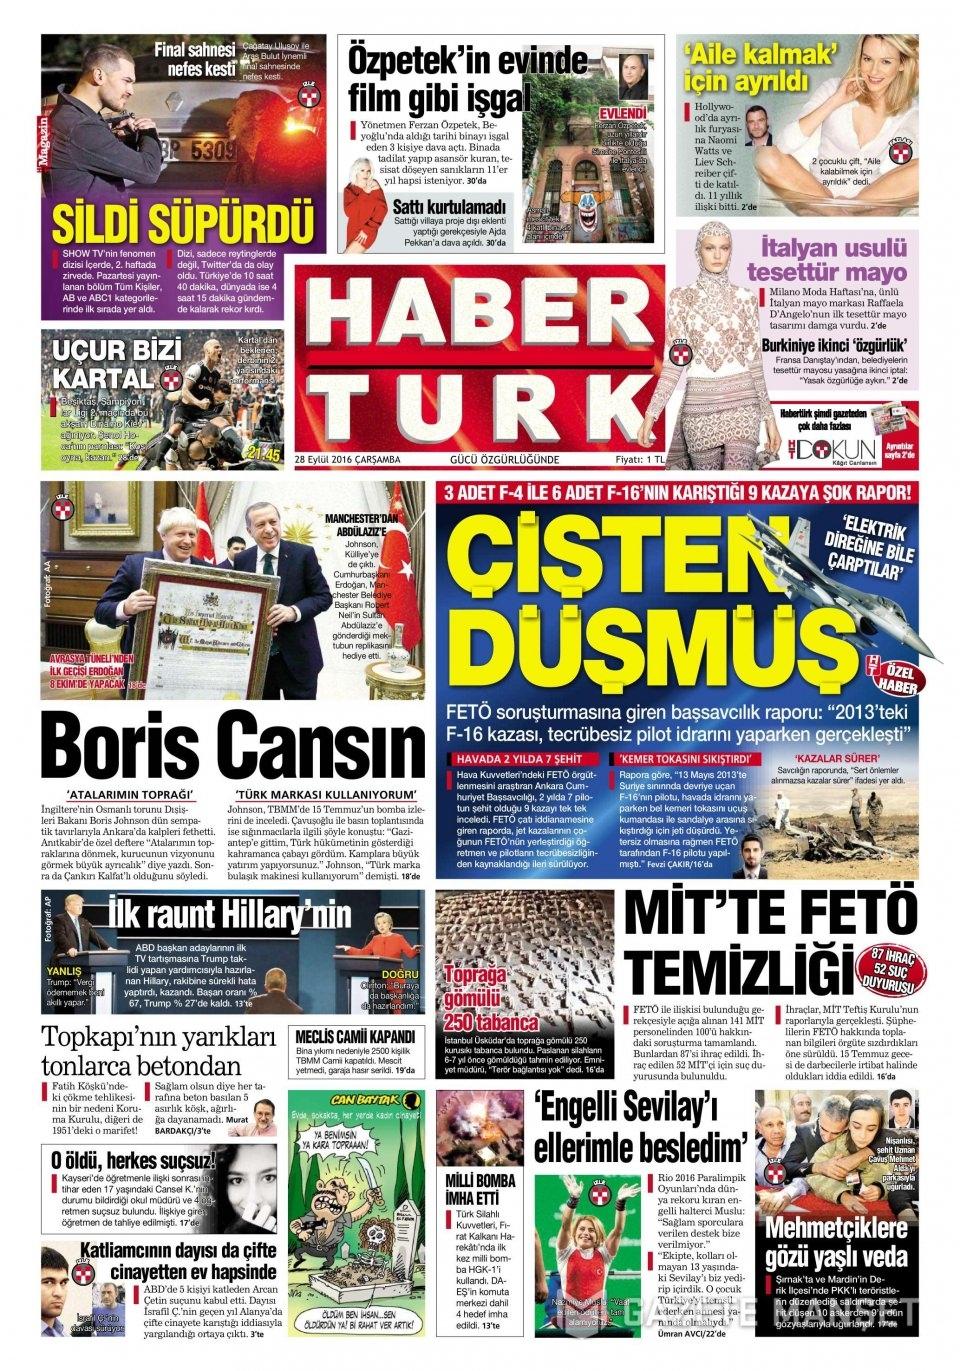 28 Eylül Çarşamba gazete manşetleri 2